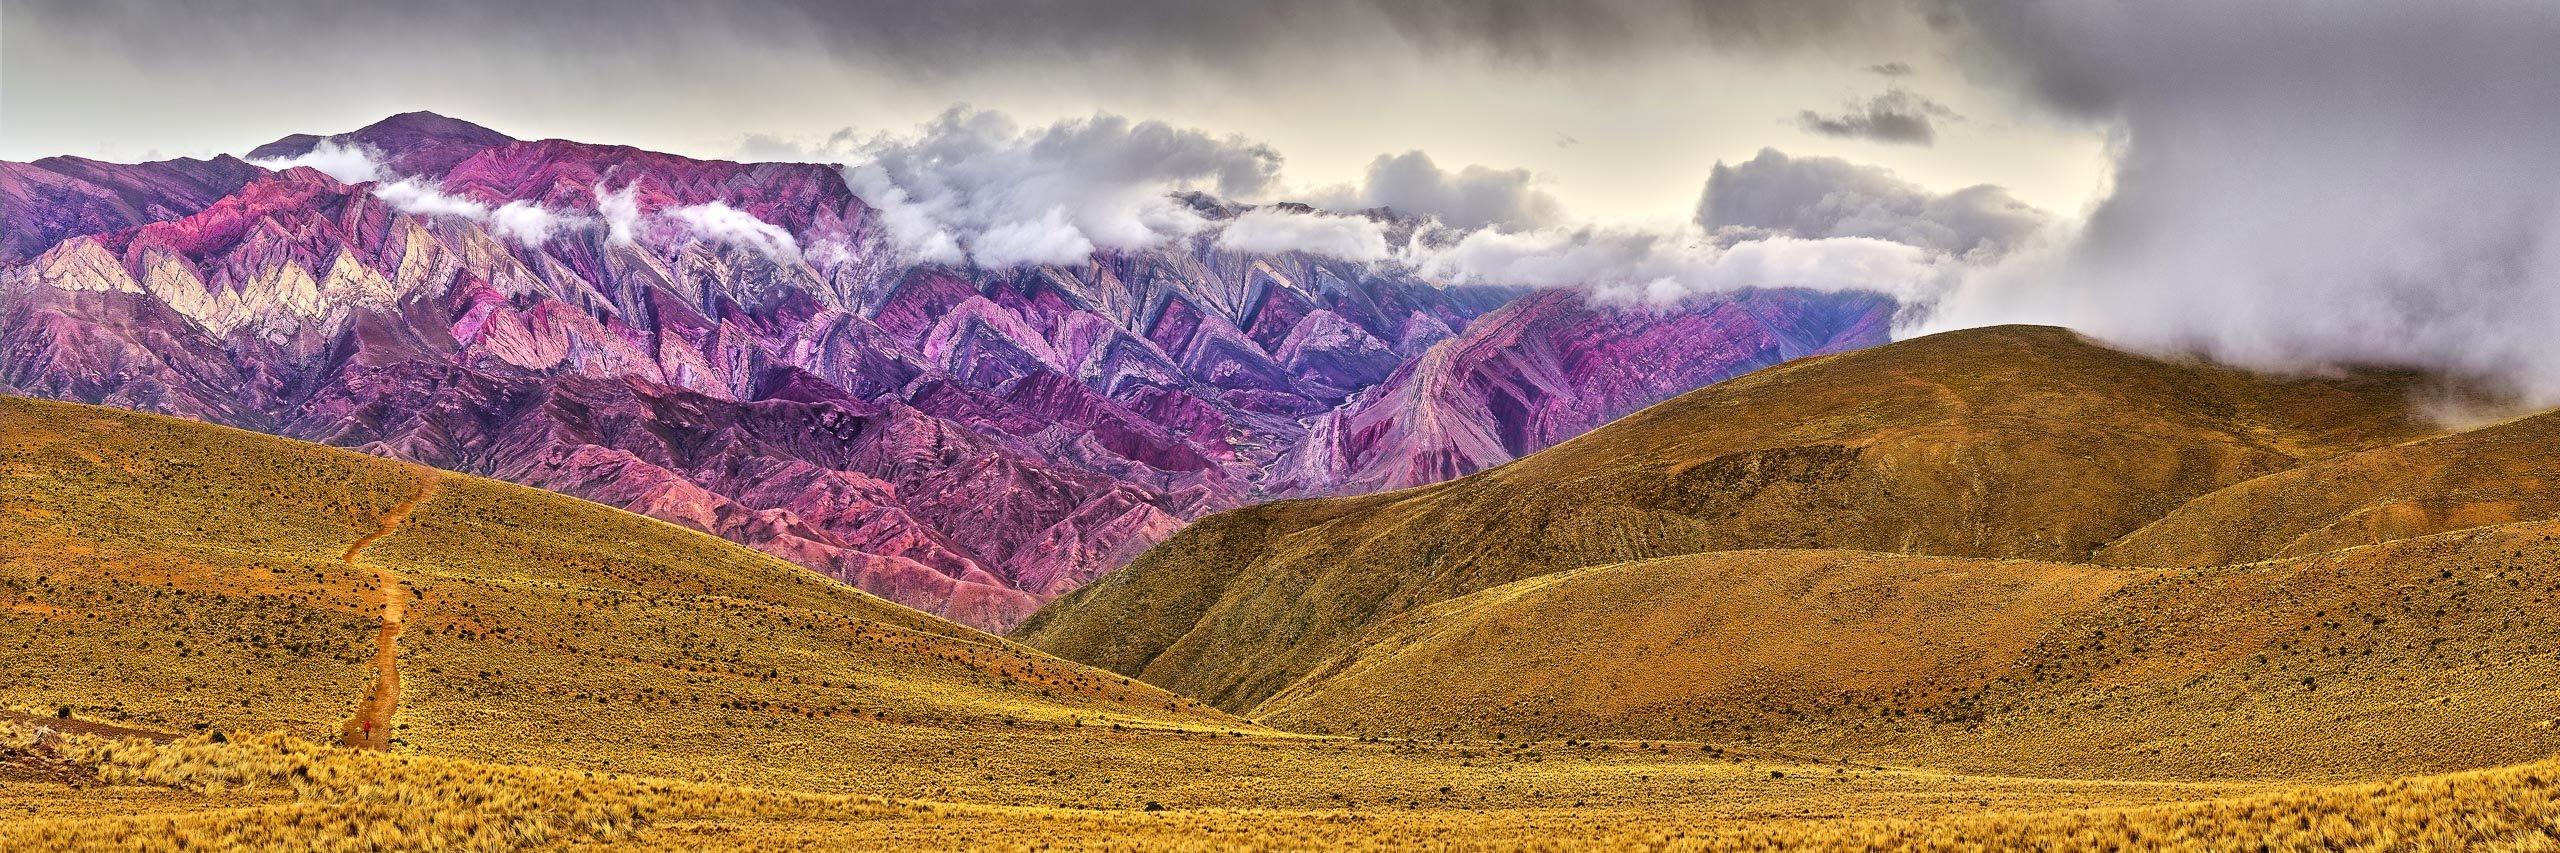 Hornacal, 14 Colour Mountain, Argentina.